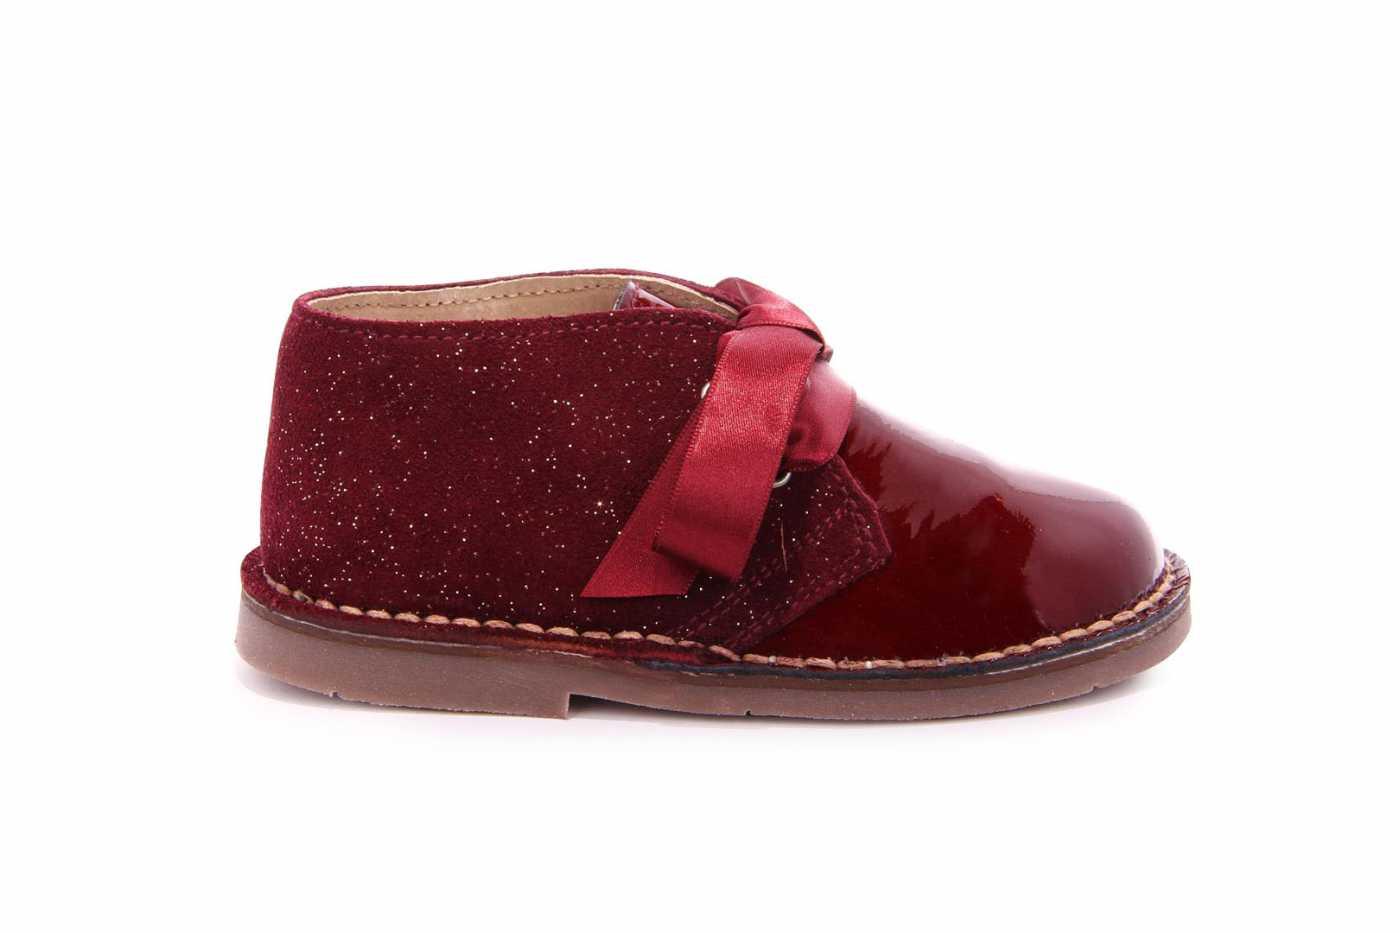 Comprar zapato tipo JOVEN NIÑA estilo BOTAS COLOR BURDEOS CHAROL ... 185163c87d947